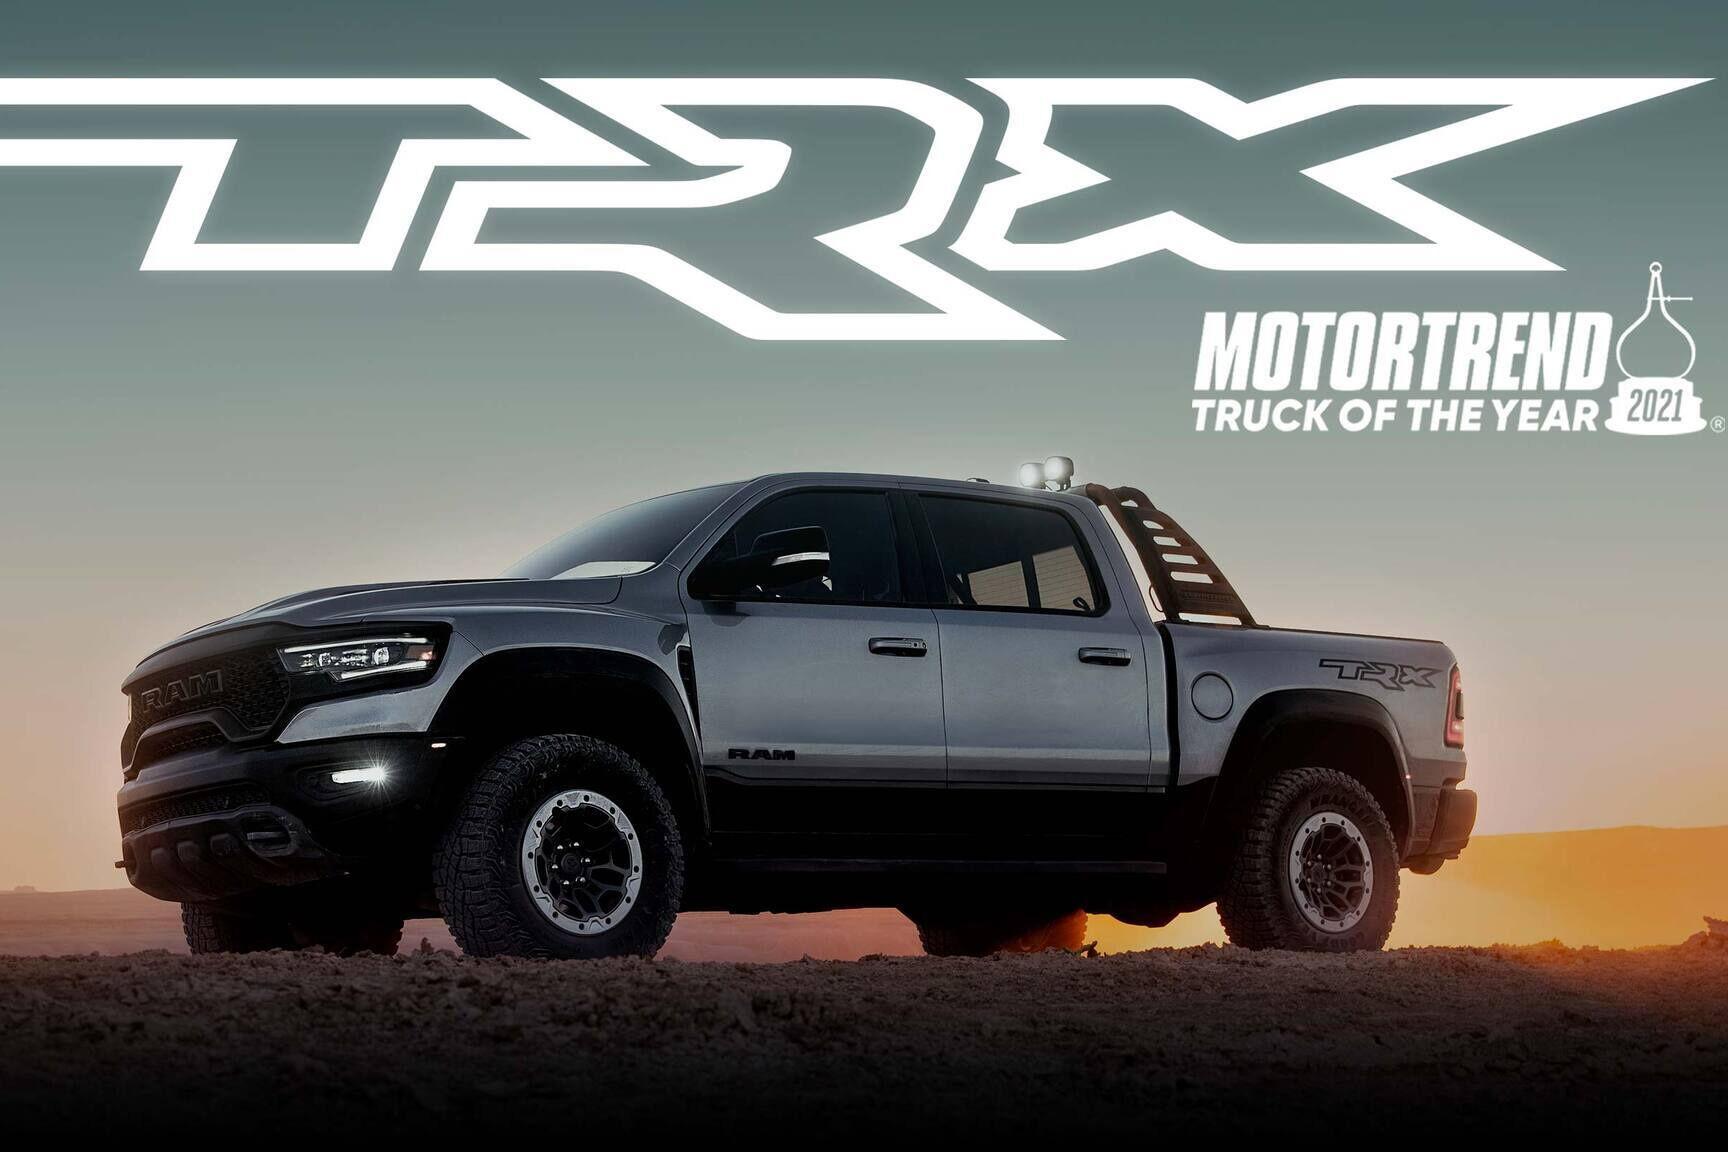 Ram 1500 TRX получила престижный титул американского журнала MotorTrend